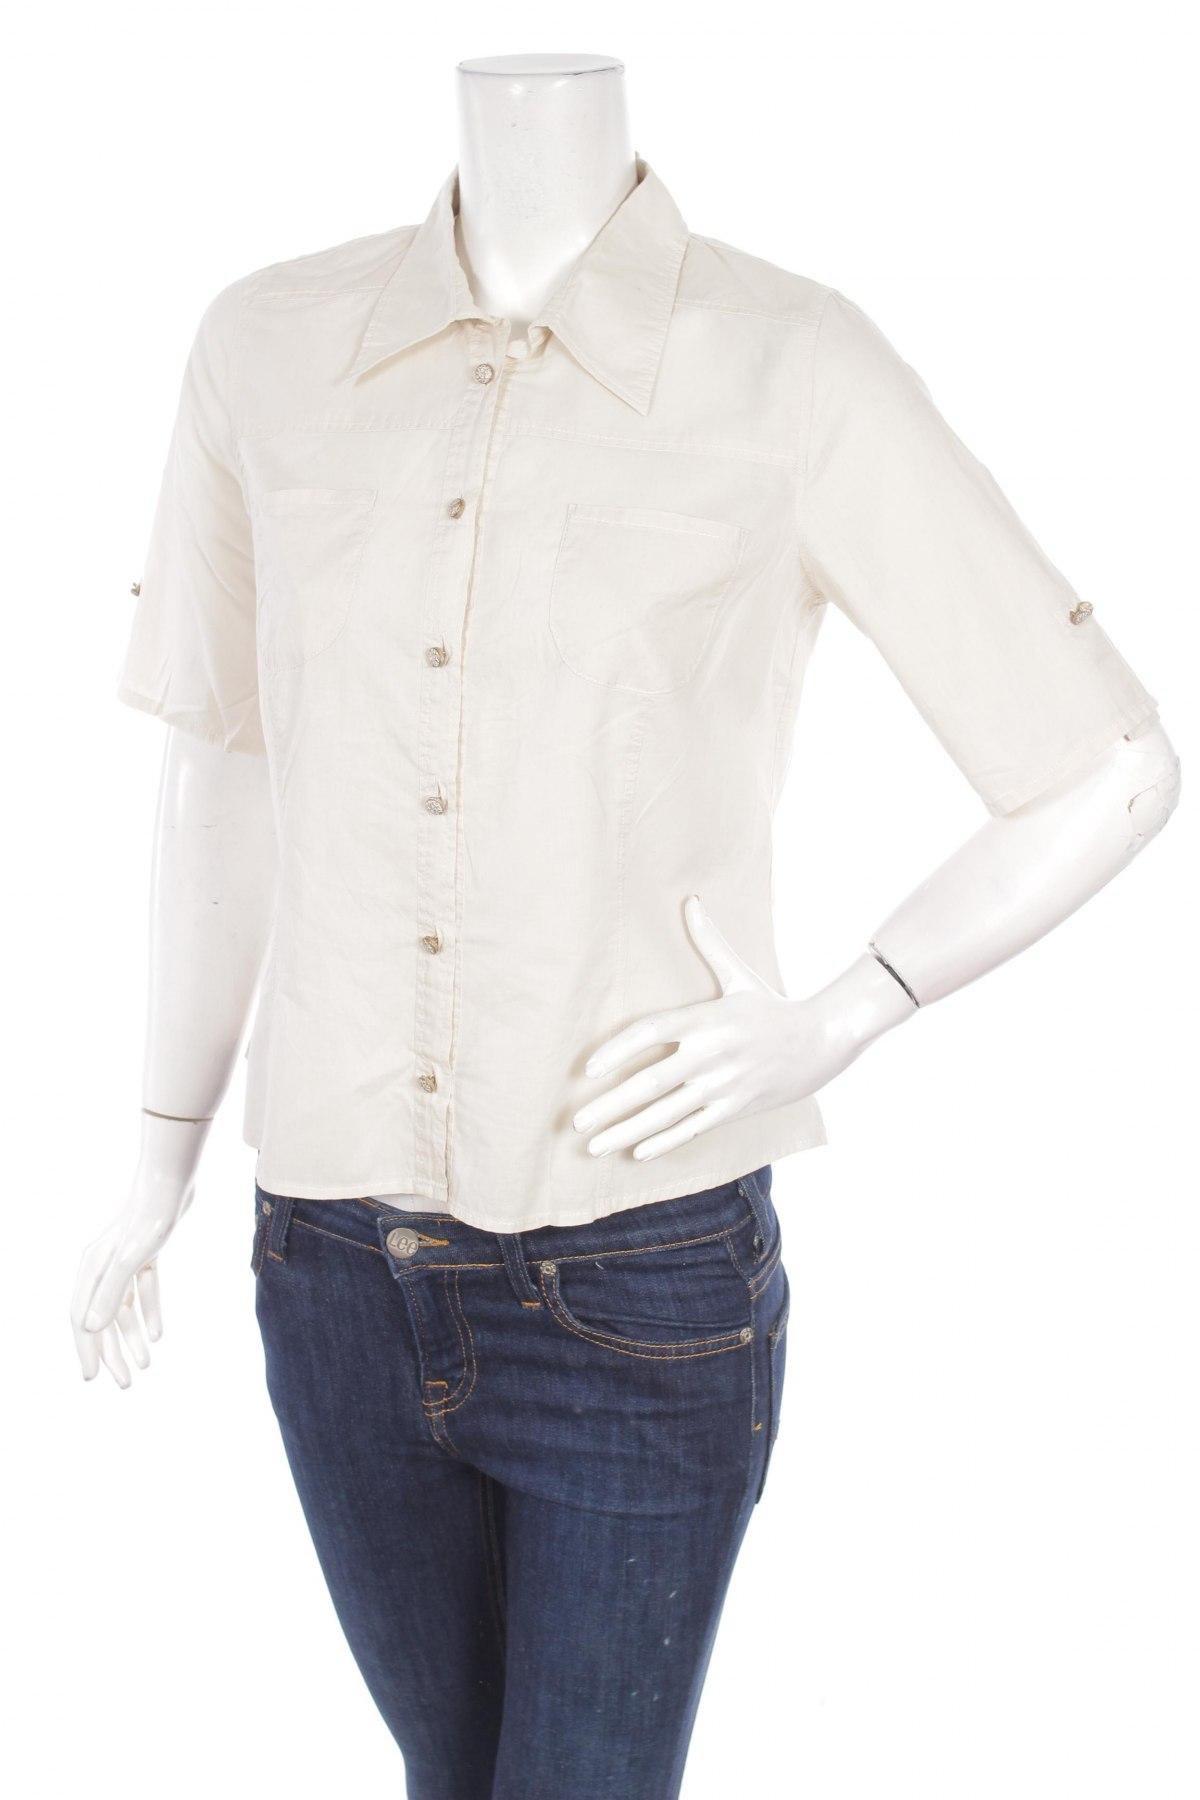 Γυναικείο πουκάμισο Gina B, Μέγεθος M, Χρώμα Γκρί, Βαμβάκι, Τιμή 9,28€